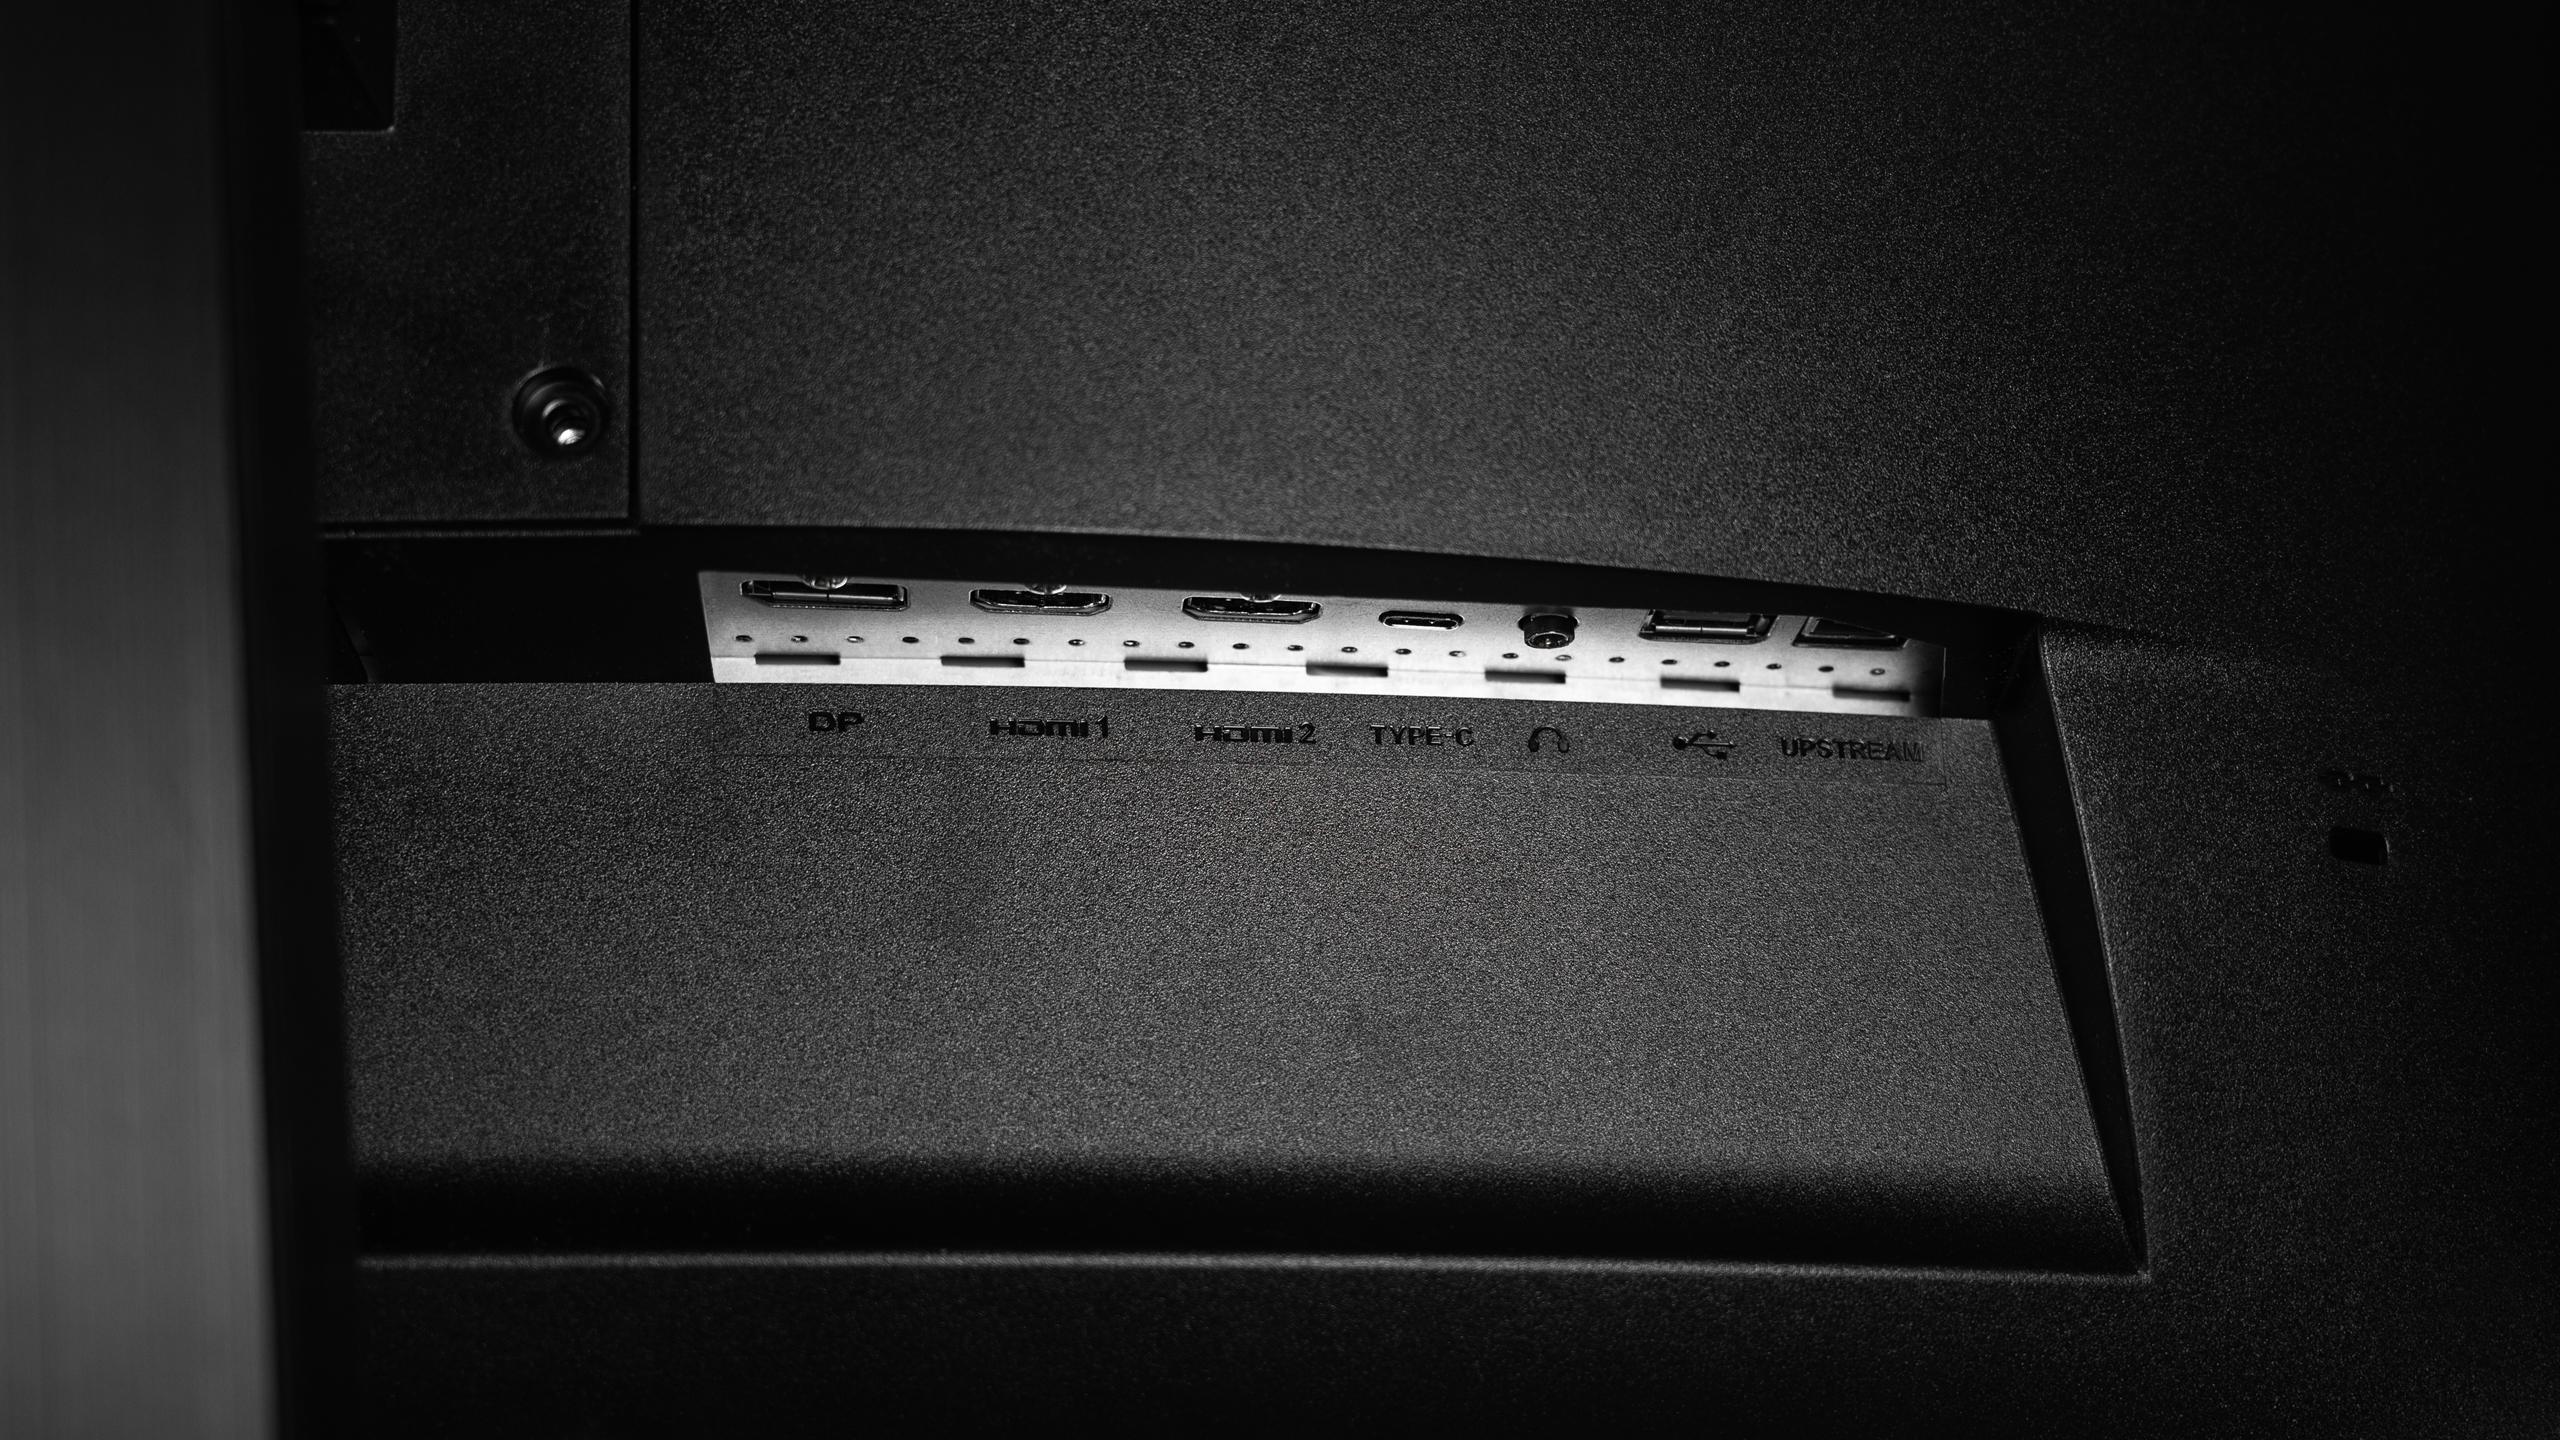 Overzicht van alle I/O-poorten op de MSI Optix MAG272CQR gaming-monitor.